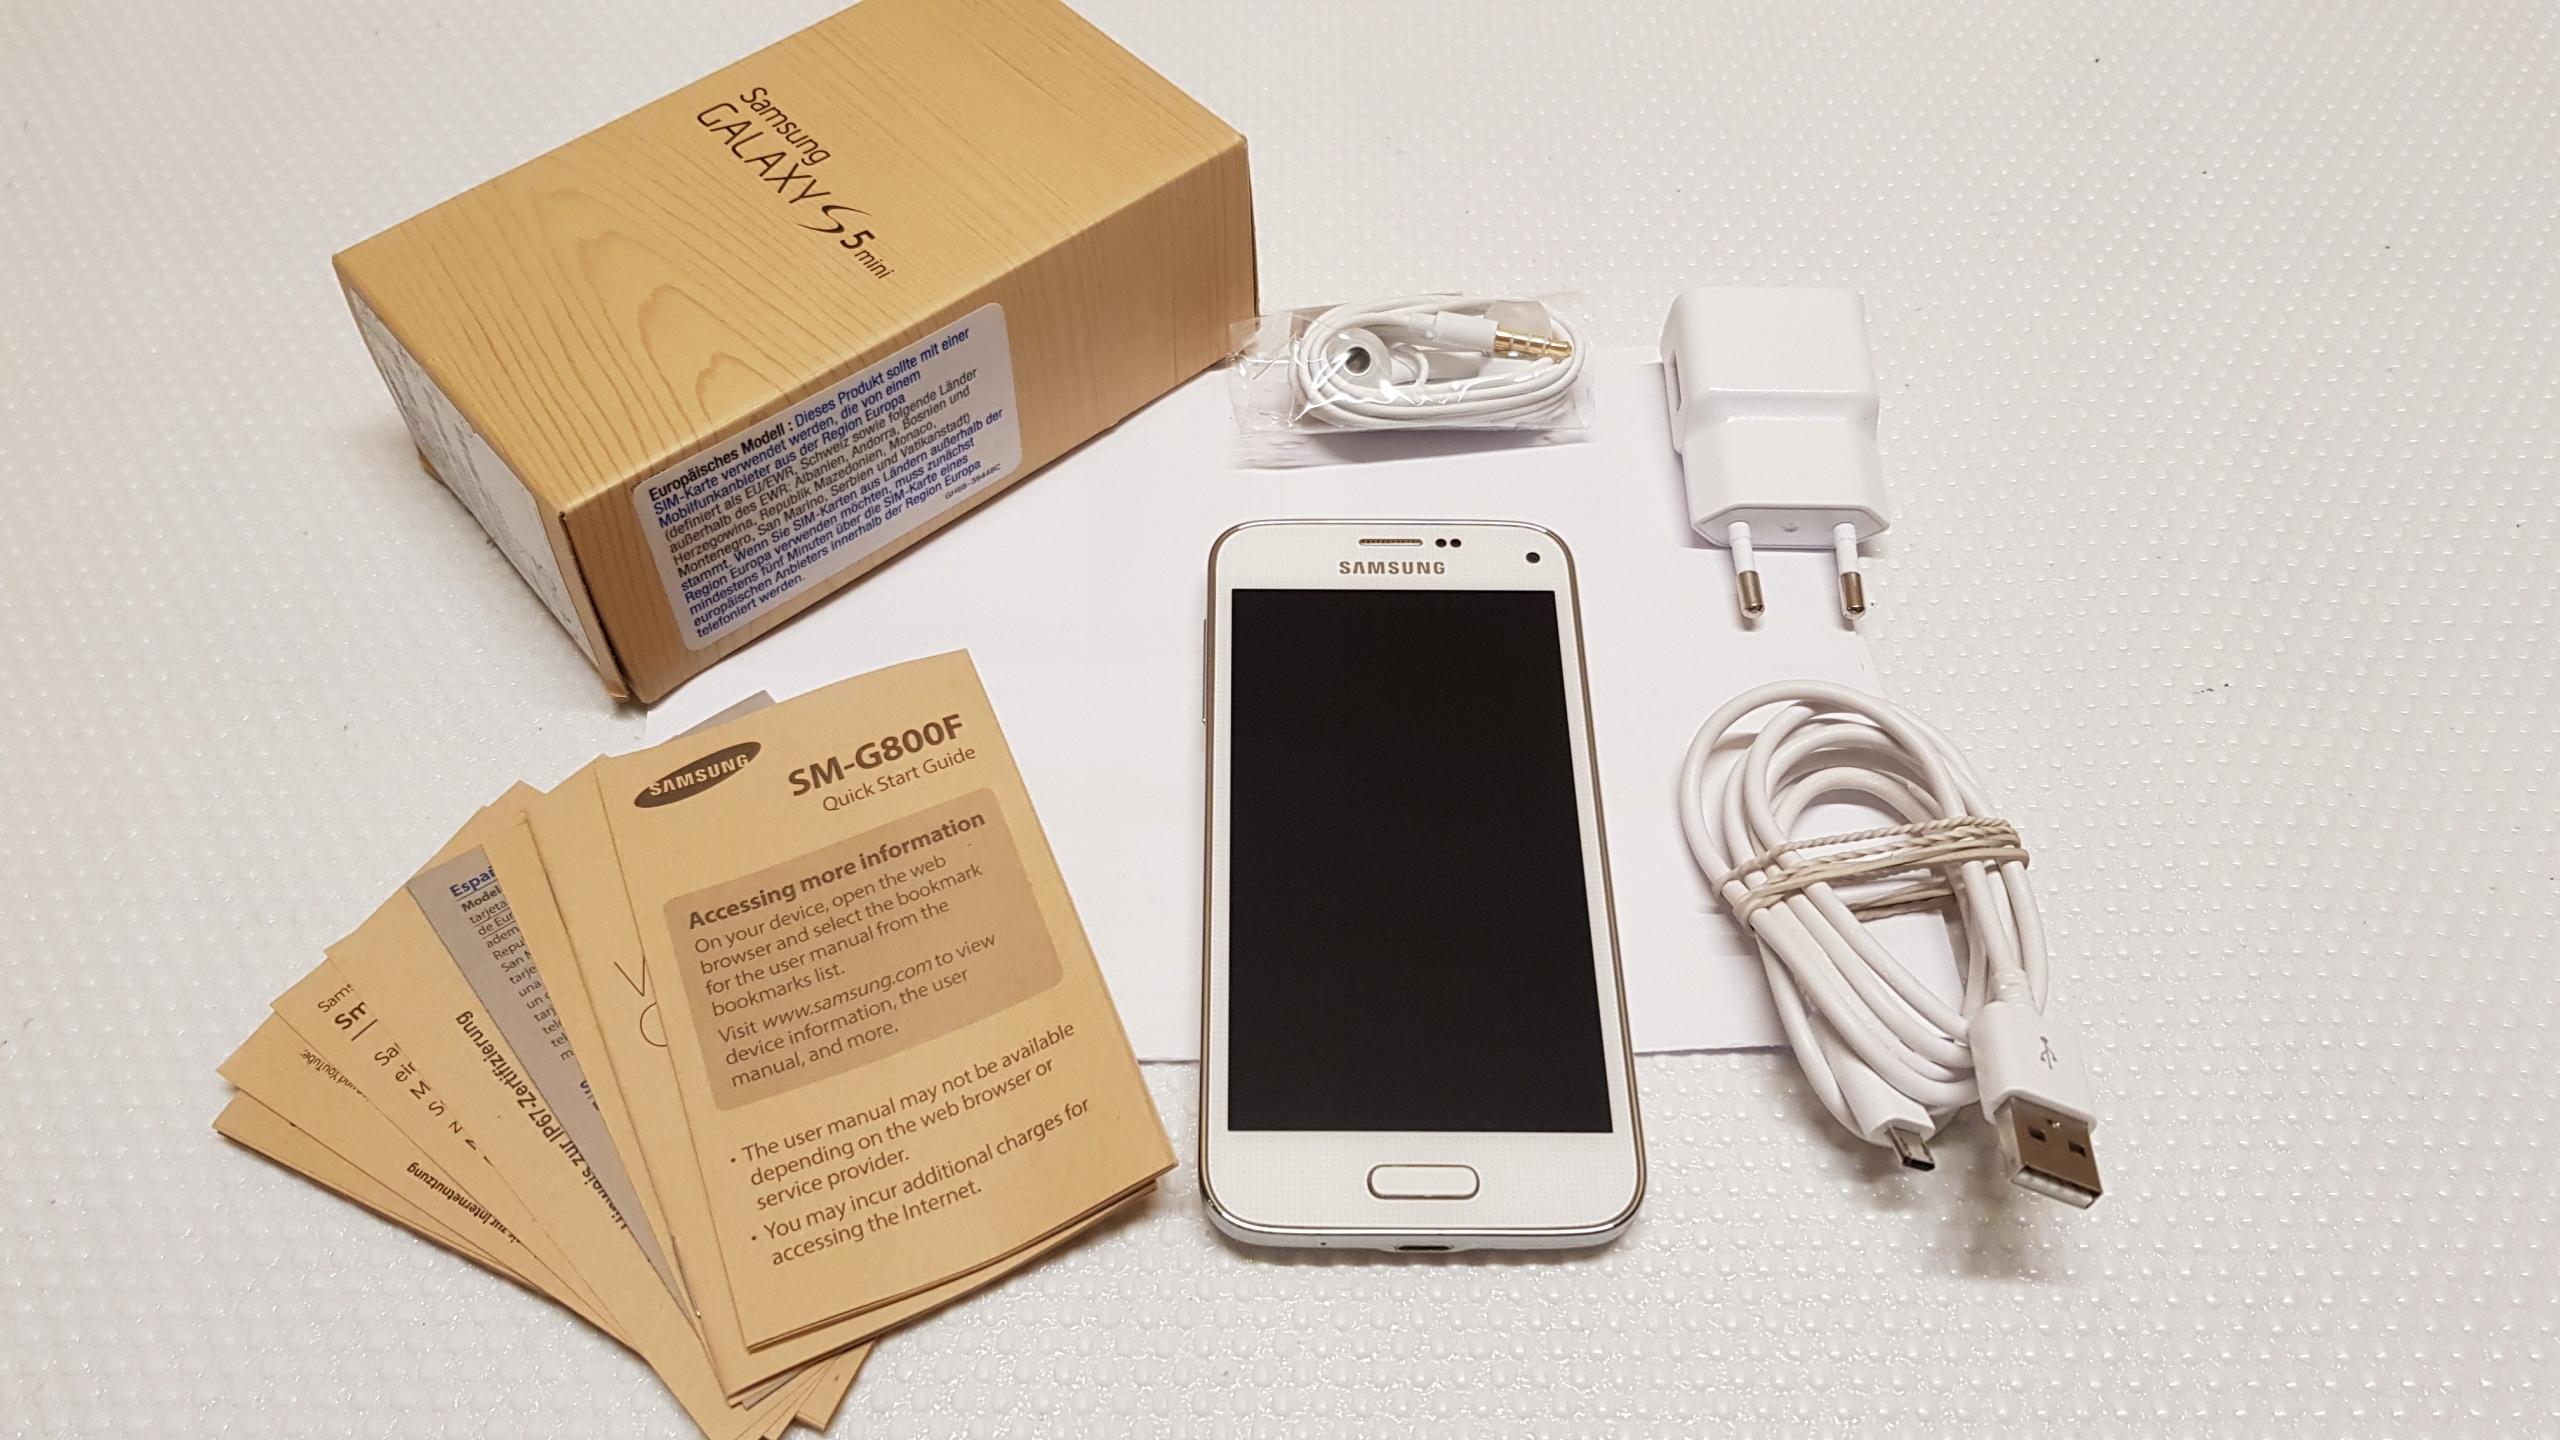 Samsung Galaxy S5 Mini Sim Karte.Samsung Galaxy S5 Mini Biały Idealny Gwarancja 7449747812